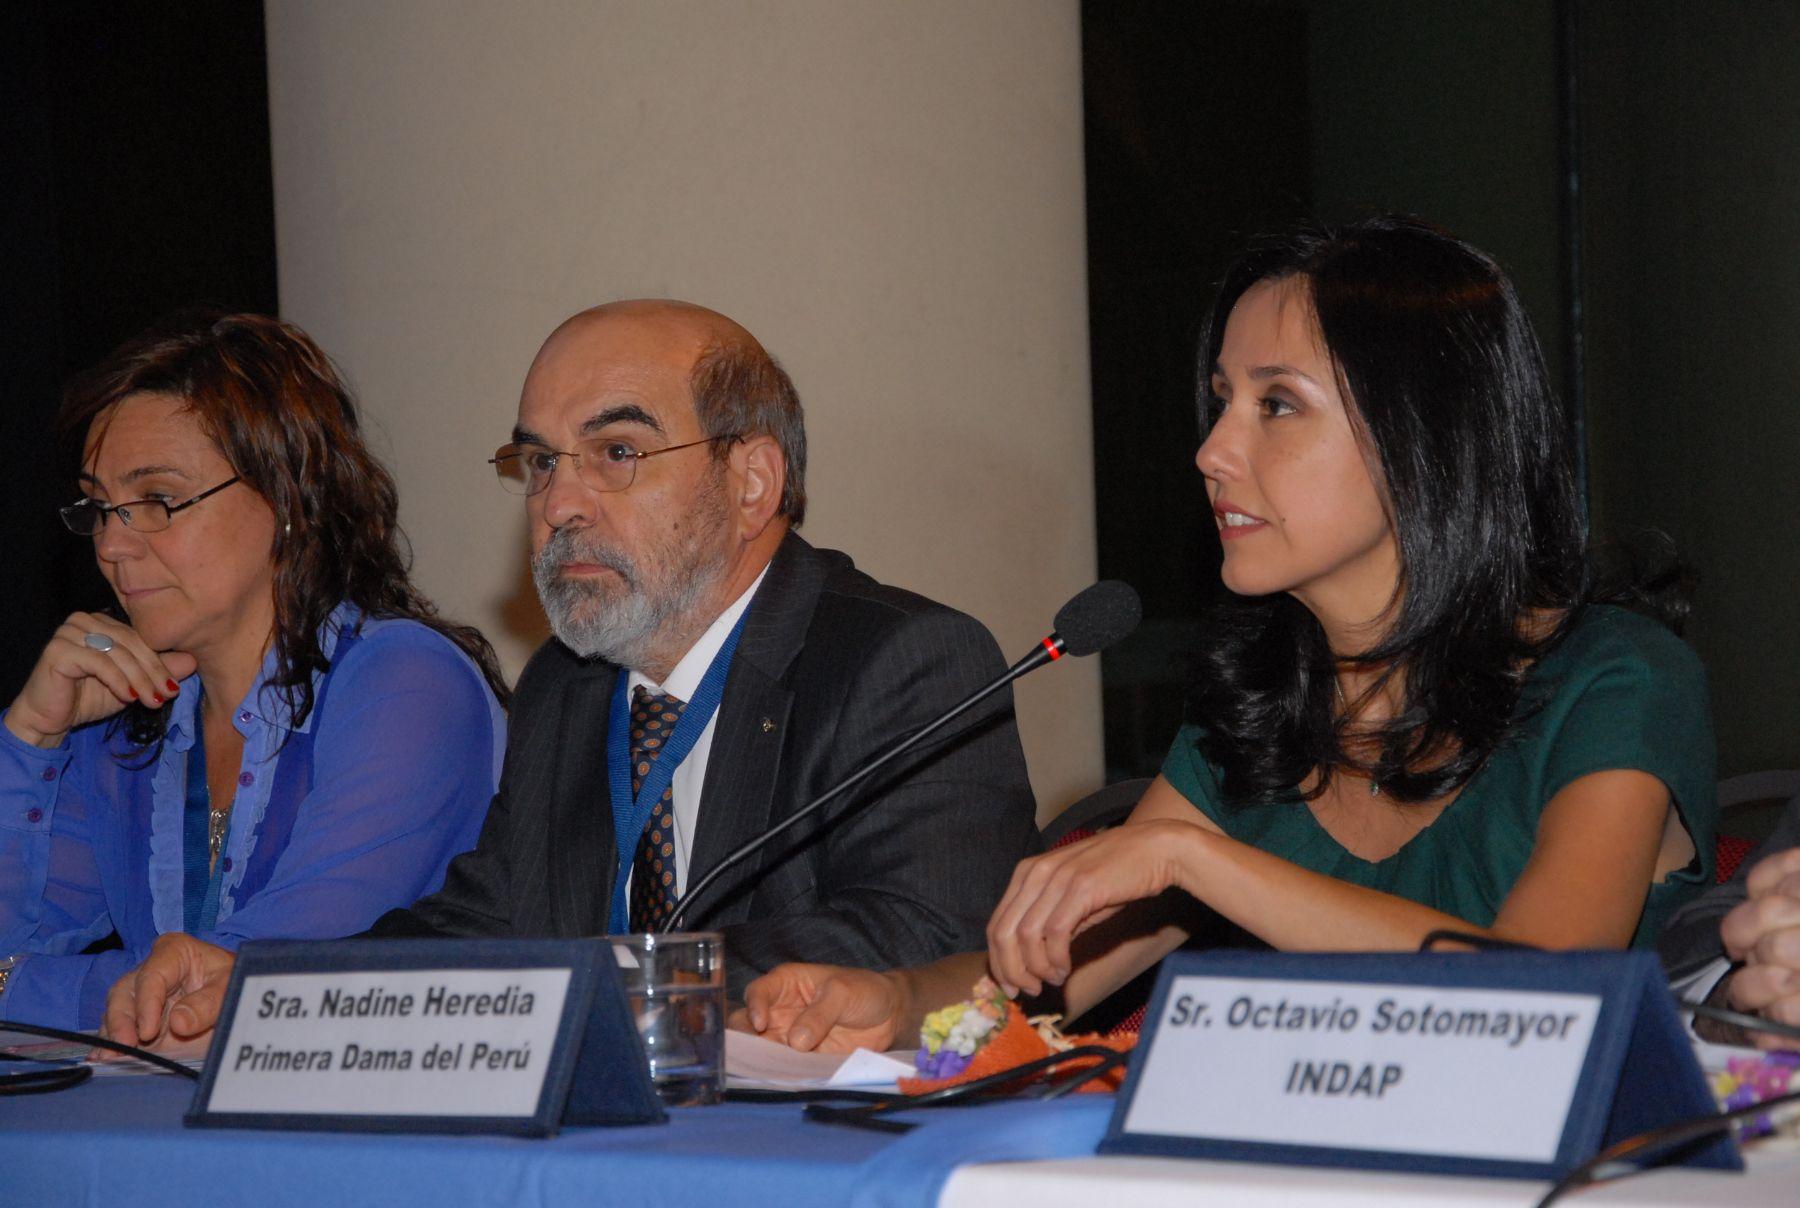 Primera Dama de Perú, Nadine Heredia,  participa en un panel paralelo a 33 Conferencia Regional de la FAO para América Latina y el Caribe, que se desarrolla en Chile. FAO/Difusión. ANDINA/Difusión